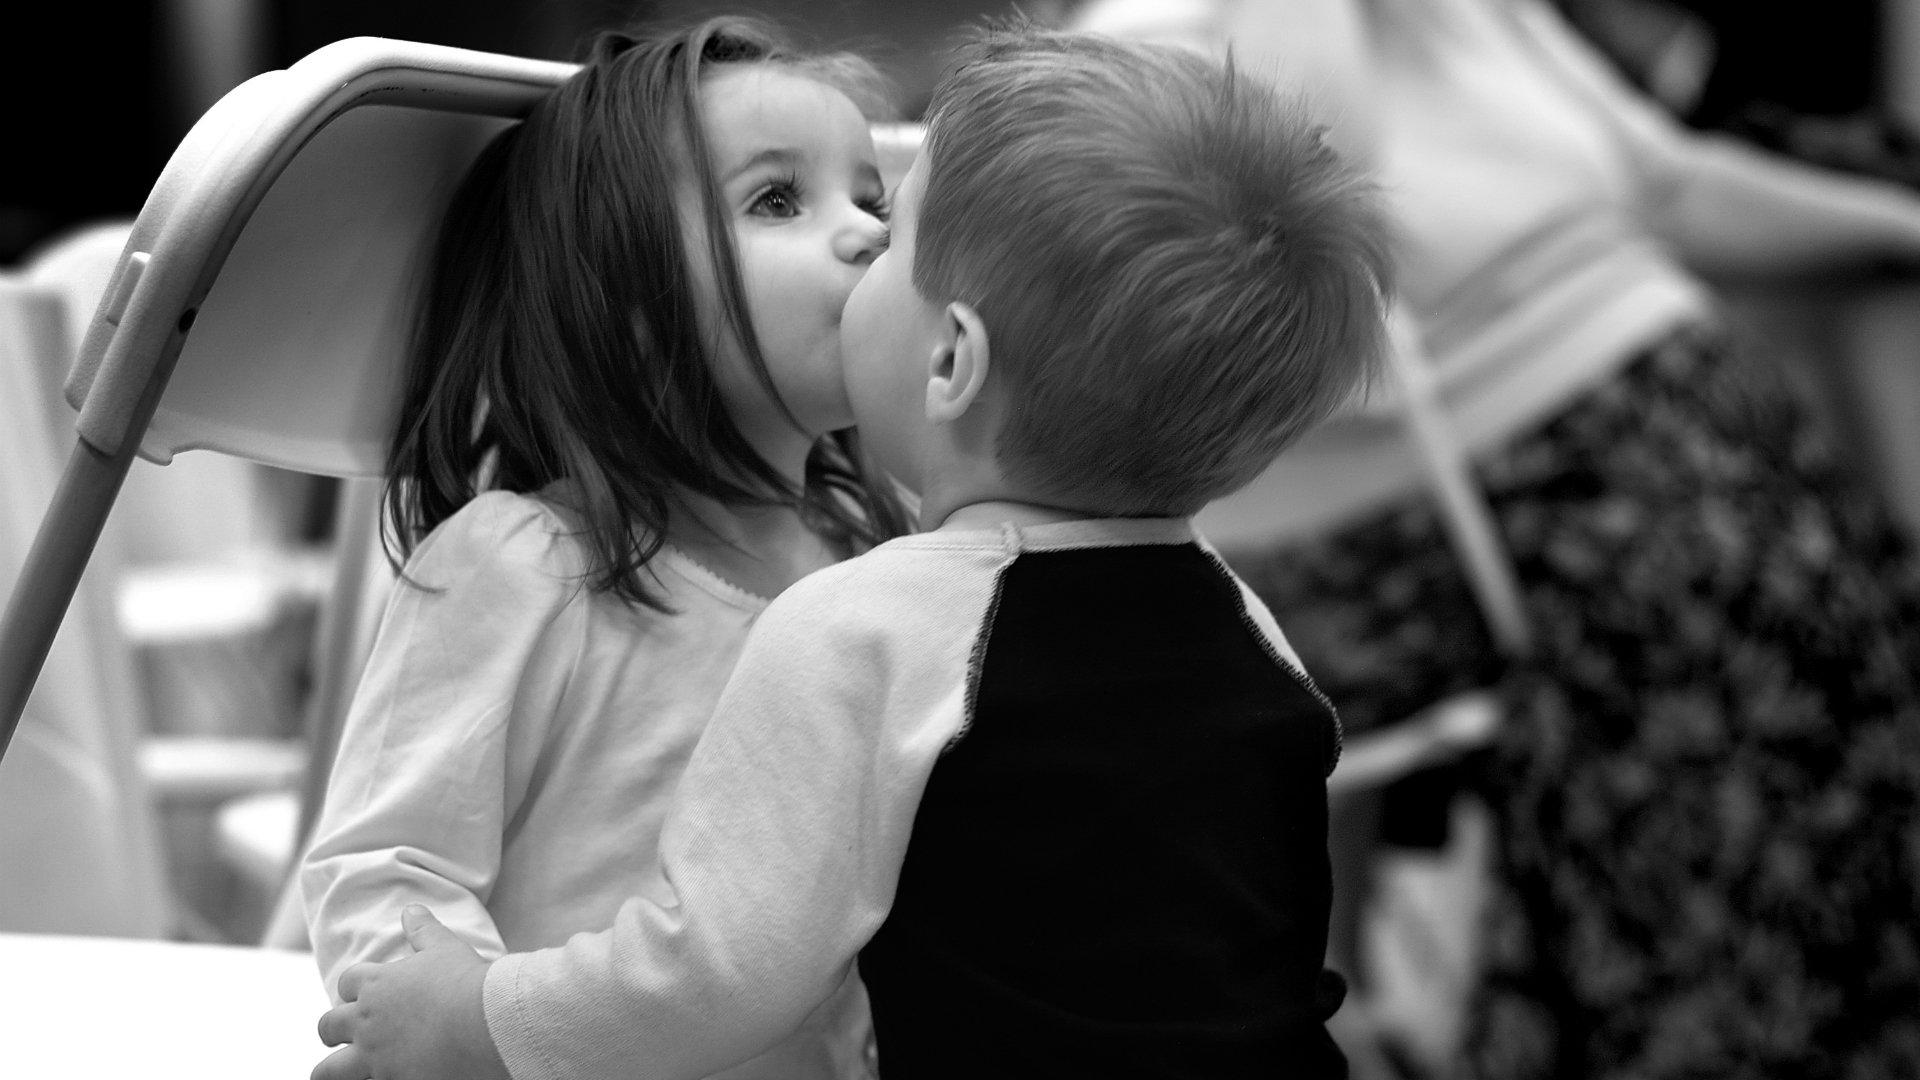 Фото целующихся девочек друг с другом 5 фотография